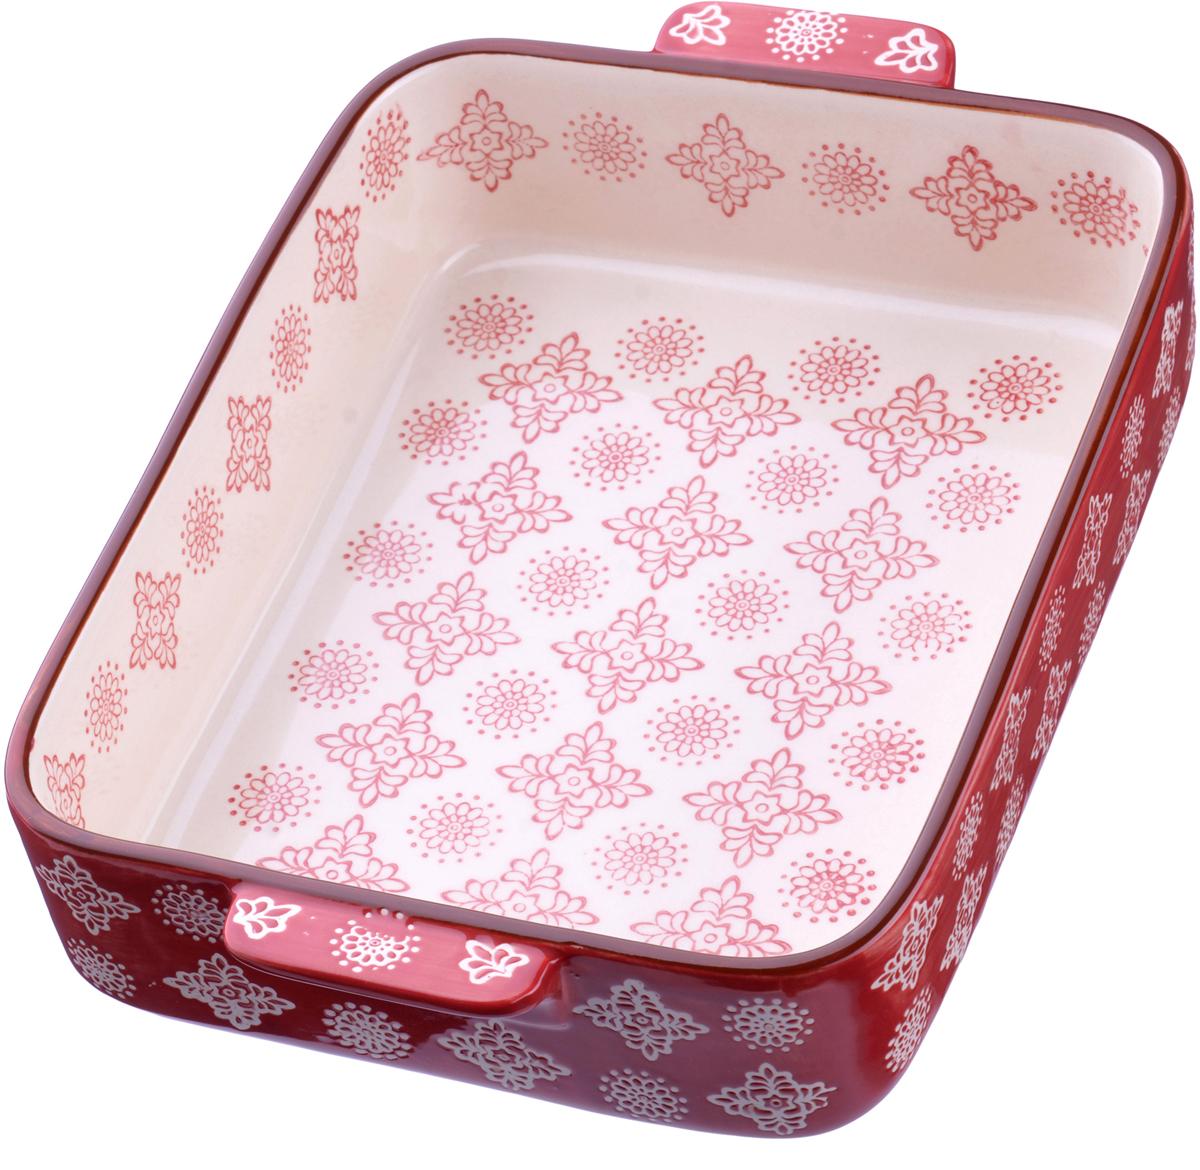 Форма для запекания LORAINE выполнена из качественной жаропрочной керамики. Изделие имеет прочные стенки и дно, однородные по толщине, благодаря чему нагрев происходит равномерно. Форма подходит для запекания и тушения разнообразных продуктов. Изделие не впитывает посторонние запахи, не имеет труднодоступных выступов или изгибов, которые накапливают грязь, и легко чистится. Жаропрочная керамика выдерживает температуру от -20°С до 400°С, поэтому такую форму можно использовать в духовке, микроволновой и конвекционной печи, а также для хранения пищи в холодильнике и морозильной камере. Не подходит для использования на открытом огне. Подходит для мытья в посудомоечной машине.